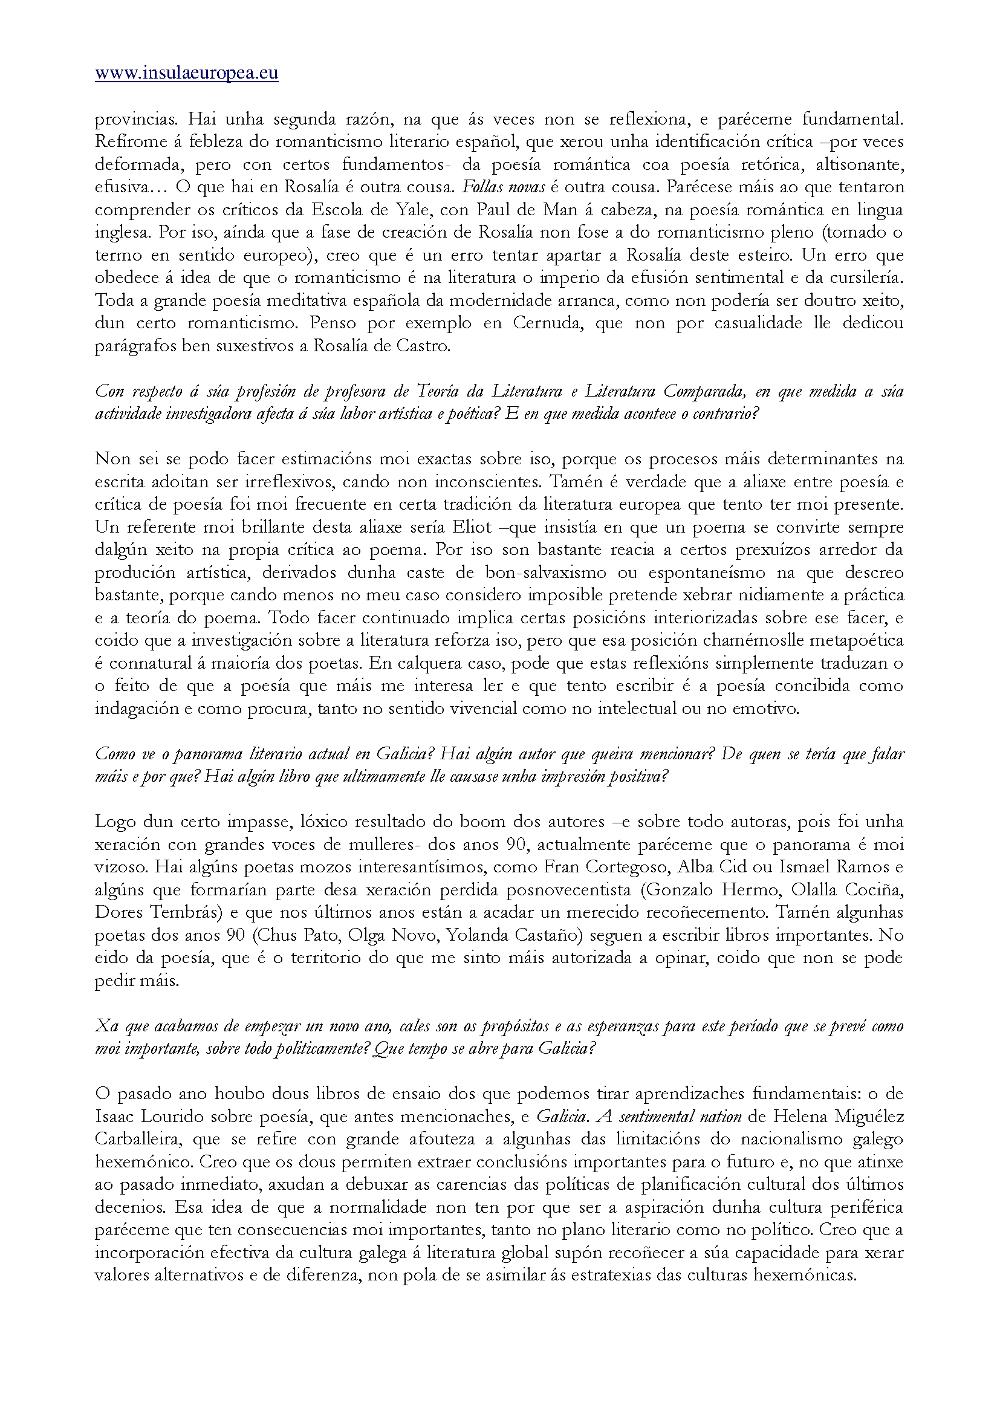 Entrevista María do Cebreiro 4